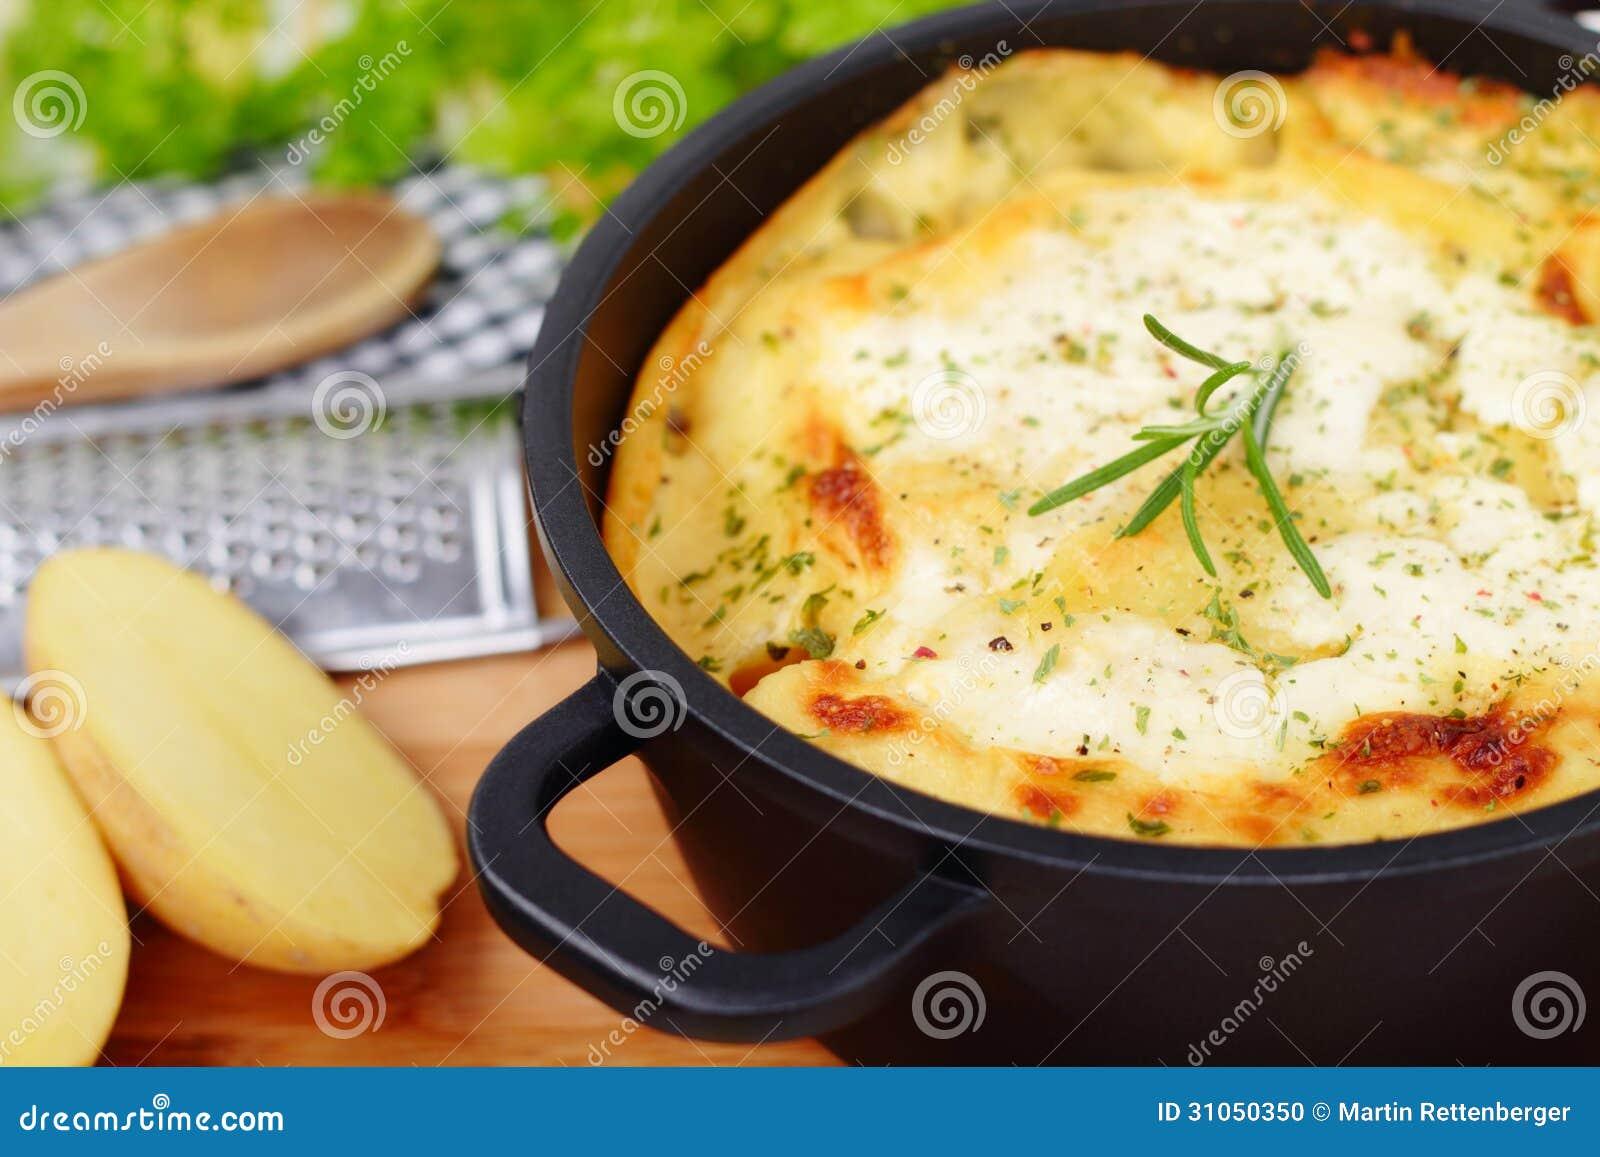 La patata cuece